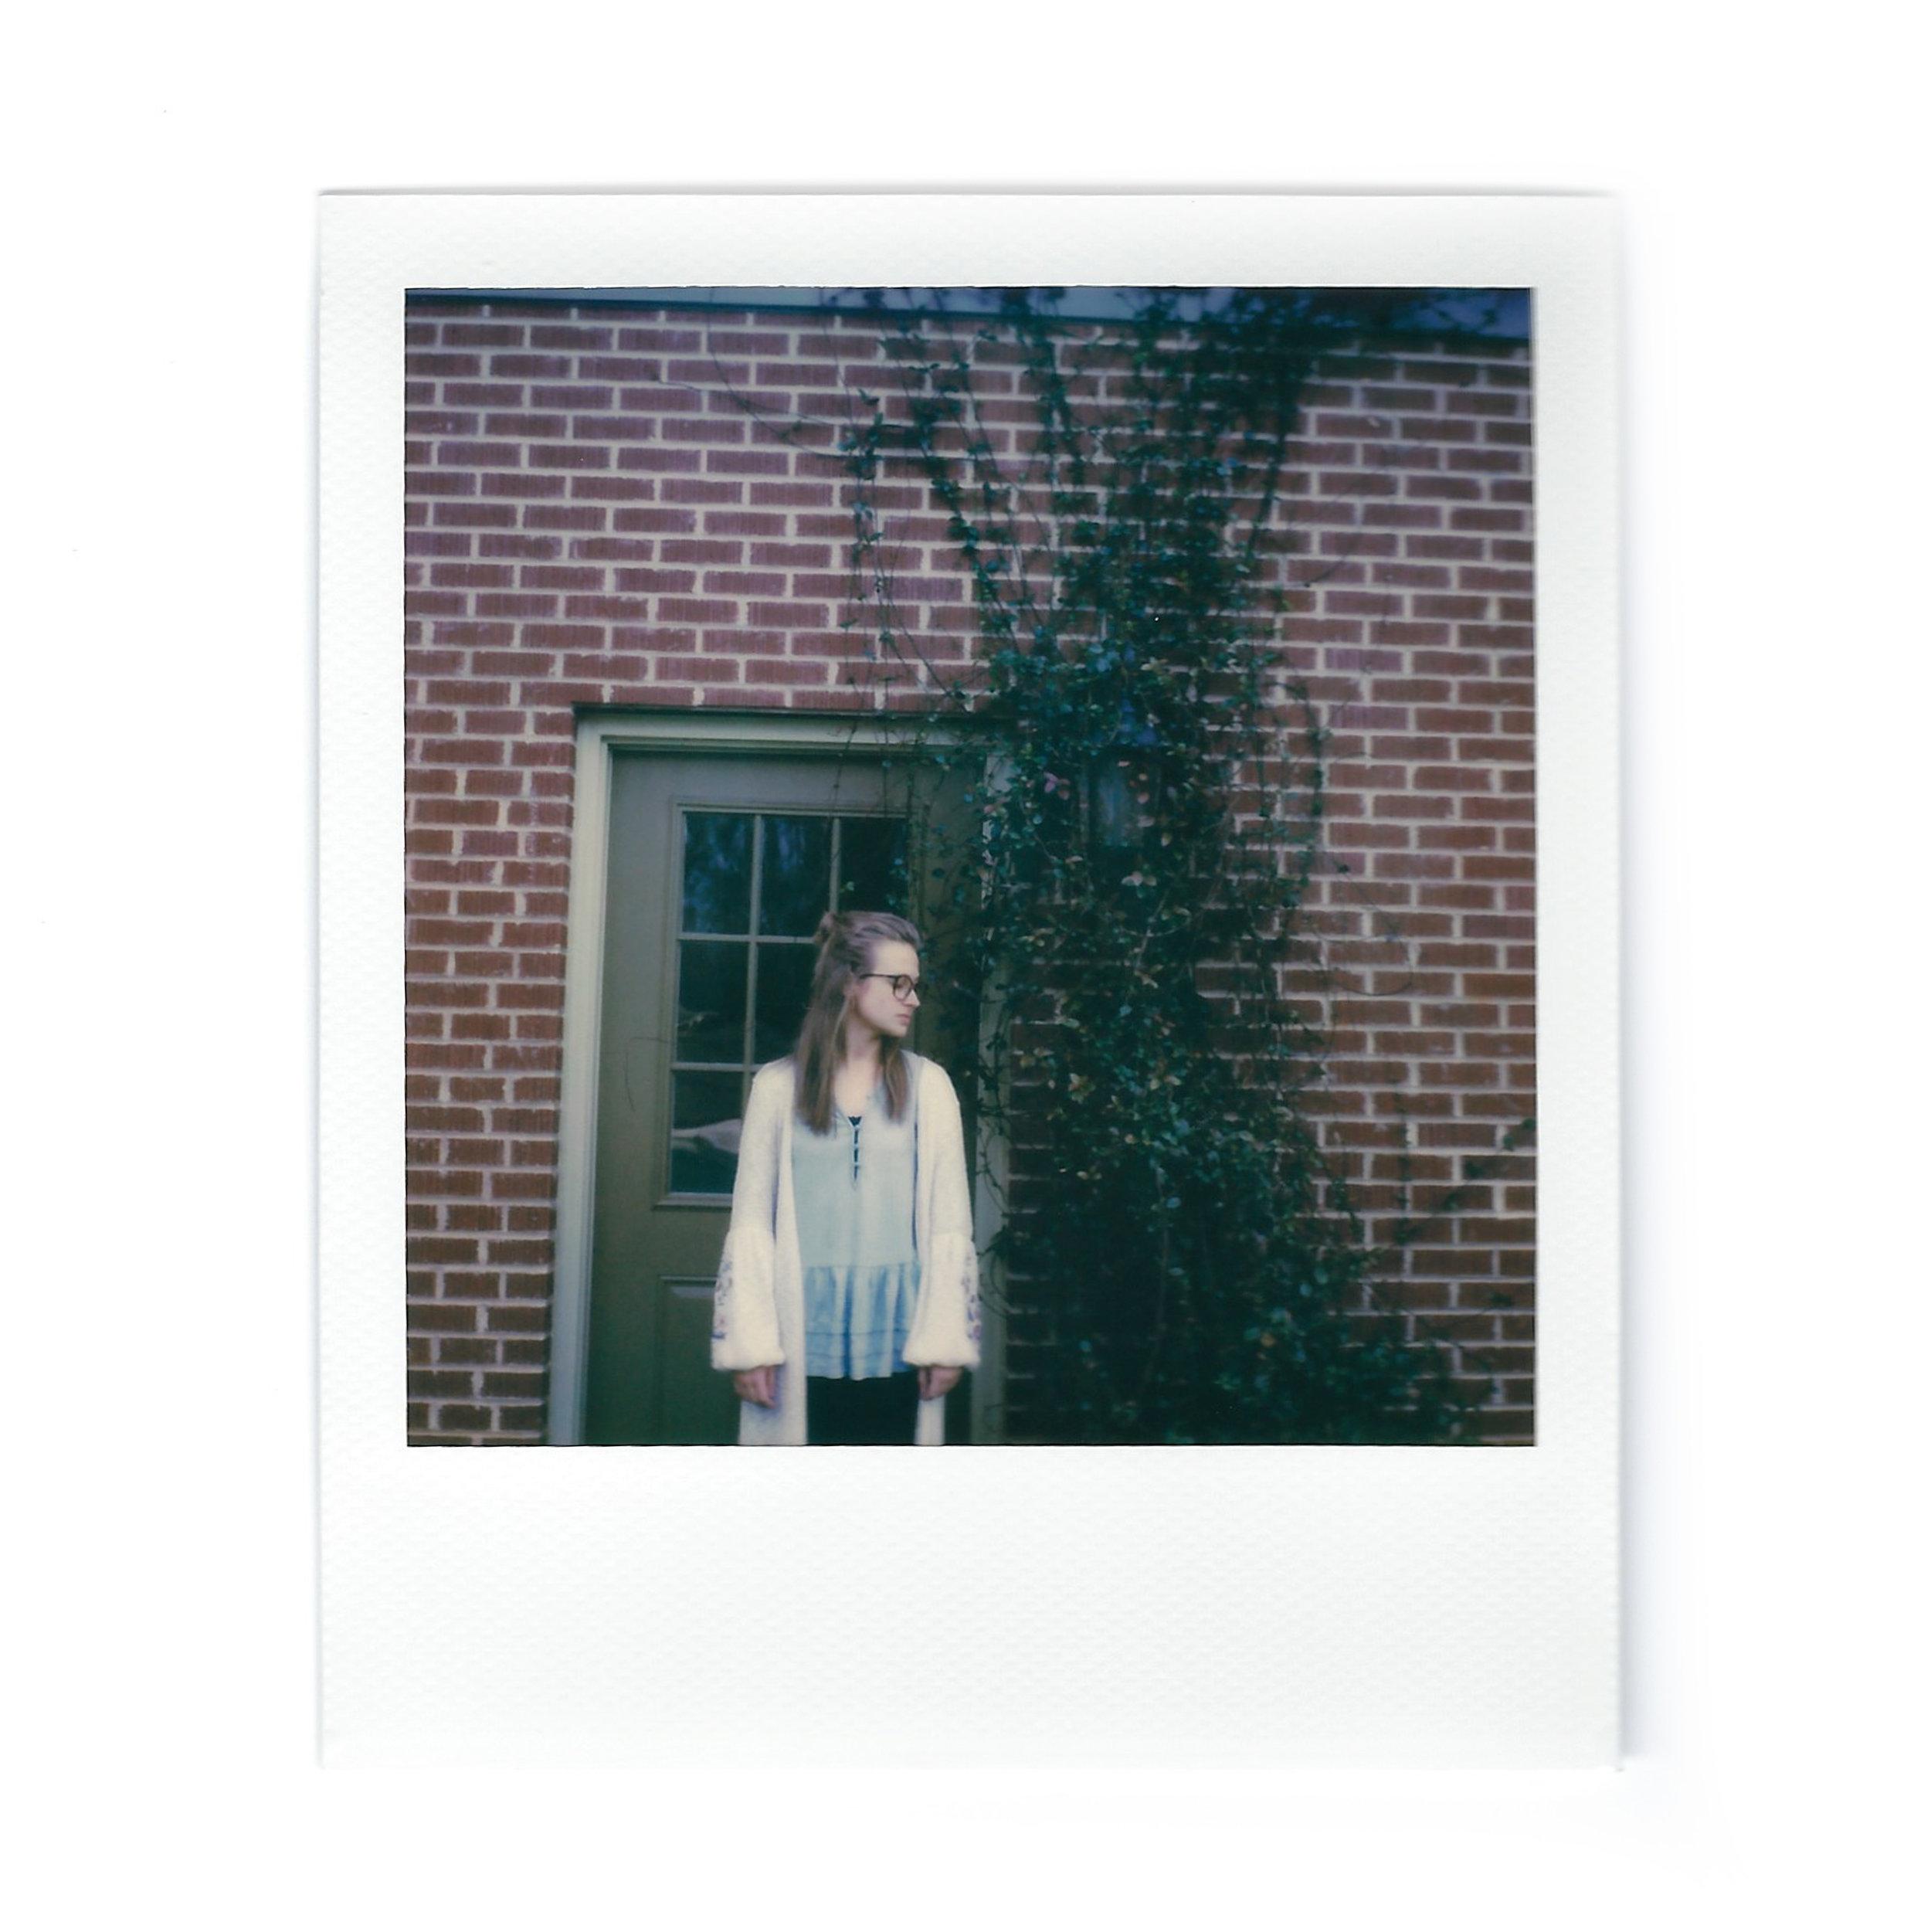 gabrielle-garage-polaroid.jpg